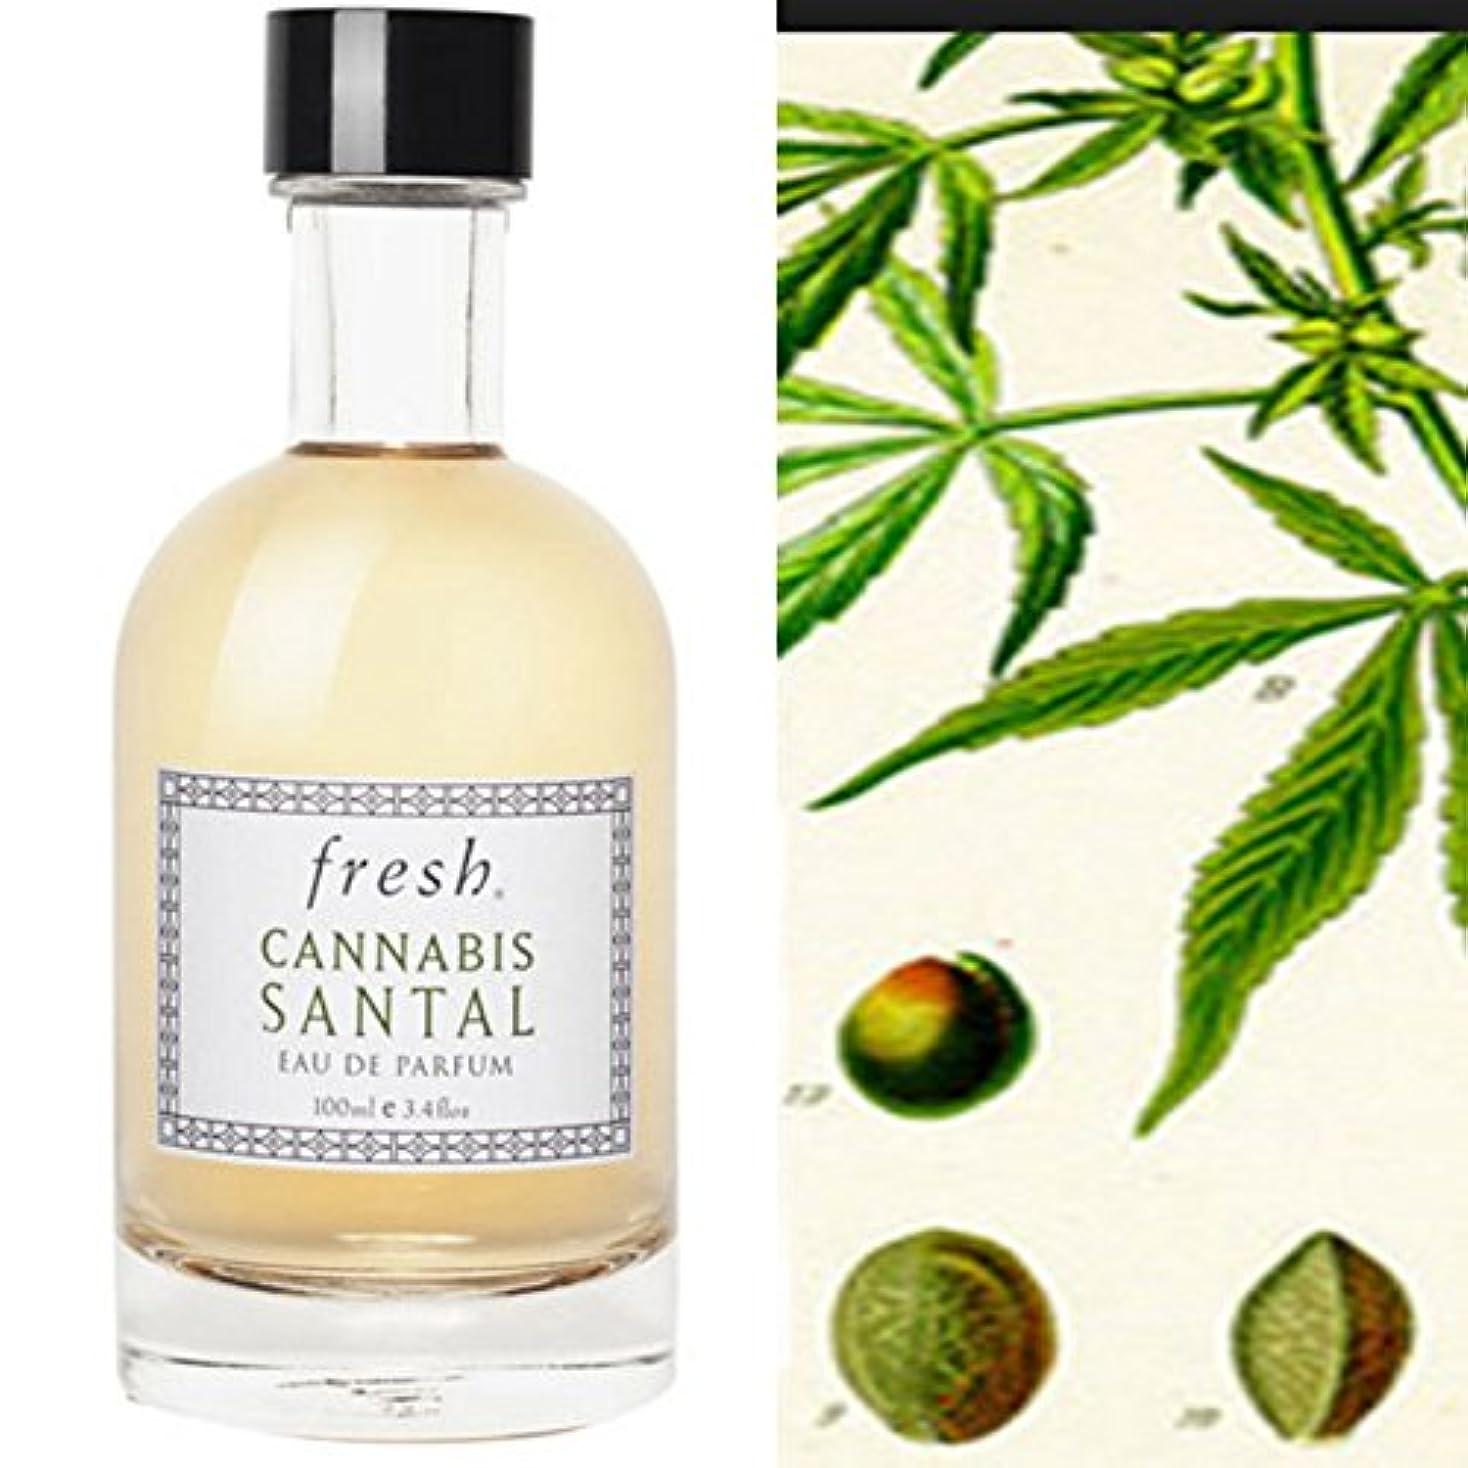 ピン運動高齢者Fresh (フレッシュ) 大麻サンタルオードパルファム,100ml(3.4oz)- Cannabis Santal 。 [並行輸入品] [海外直送品]